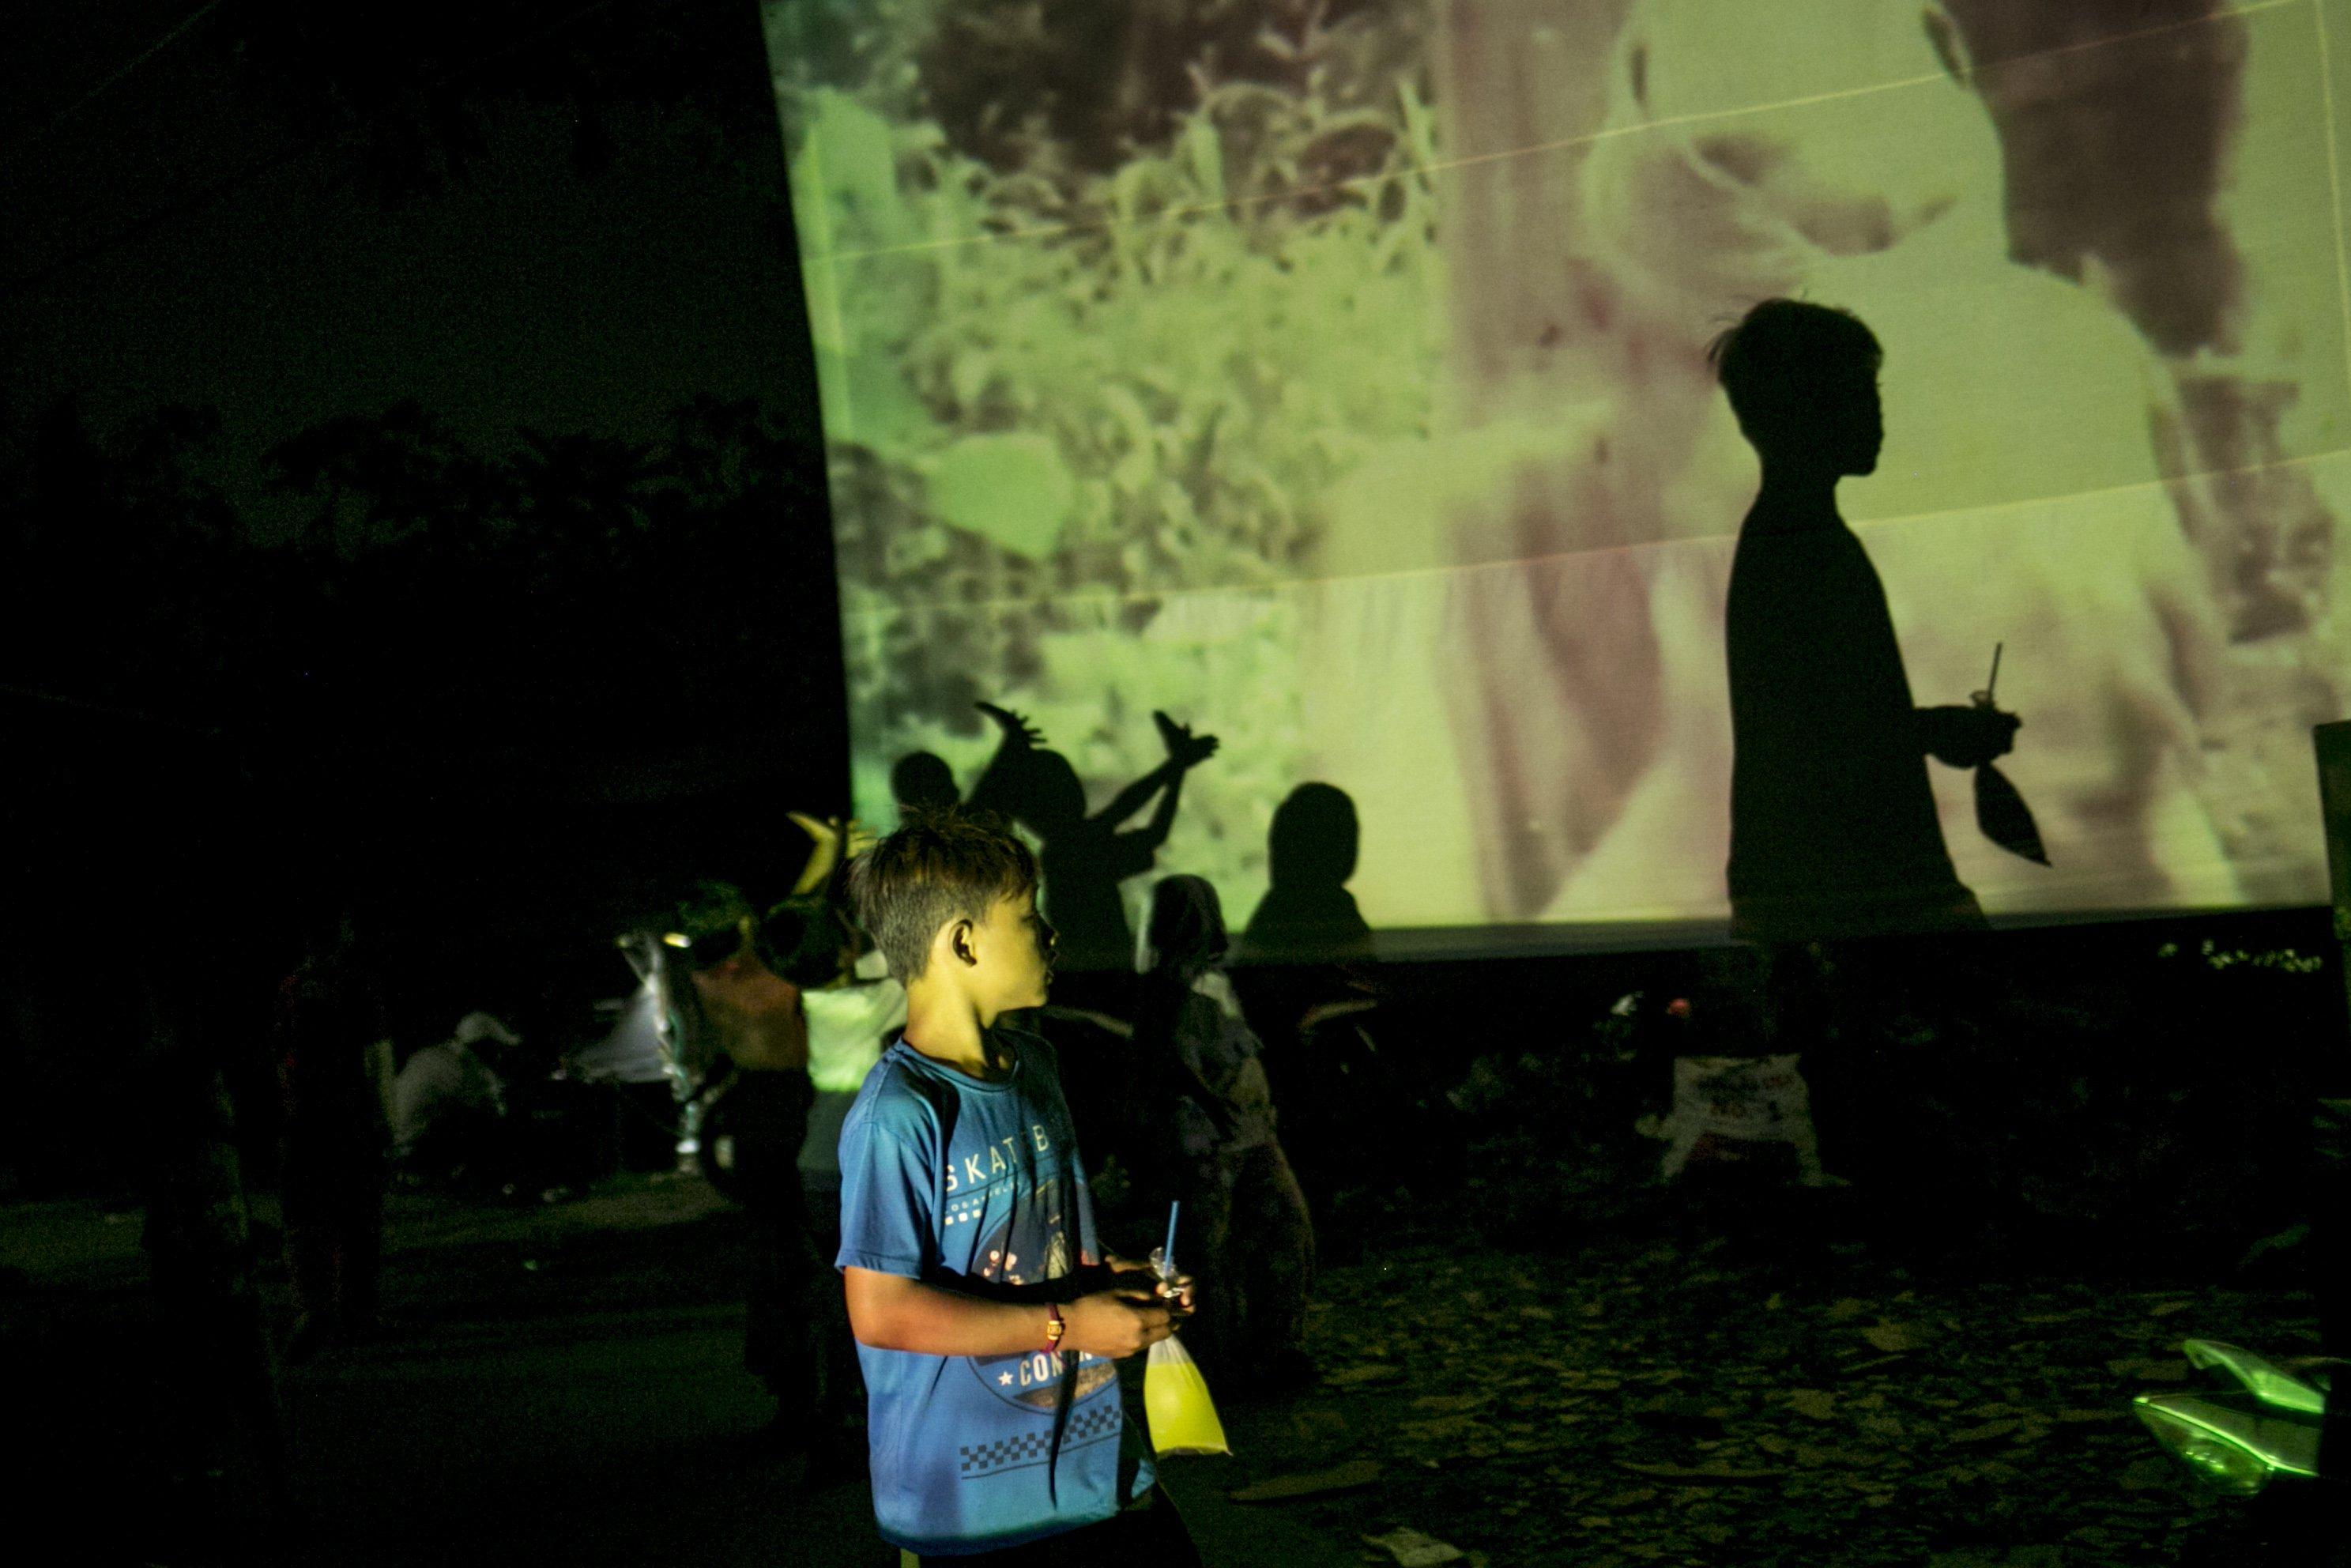 Sejumlah anak bermain dan menonton film di layar tancap Kawasan Sawangan, Depok, Jawa Barat, Sabtu (11/7/2020).